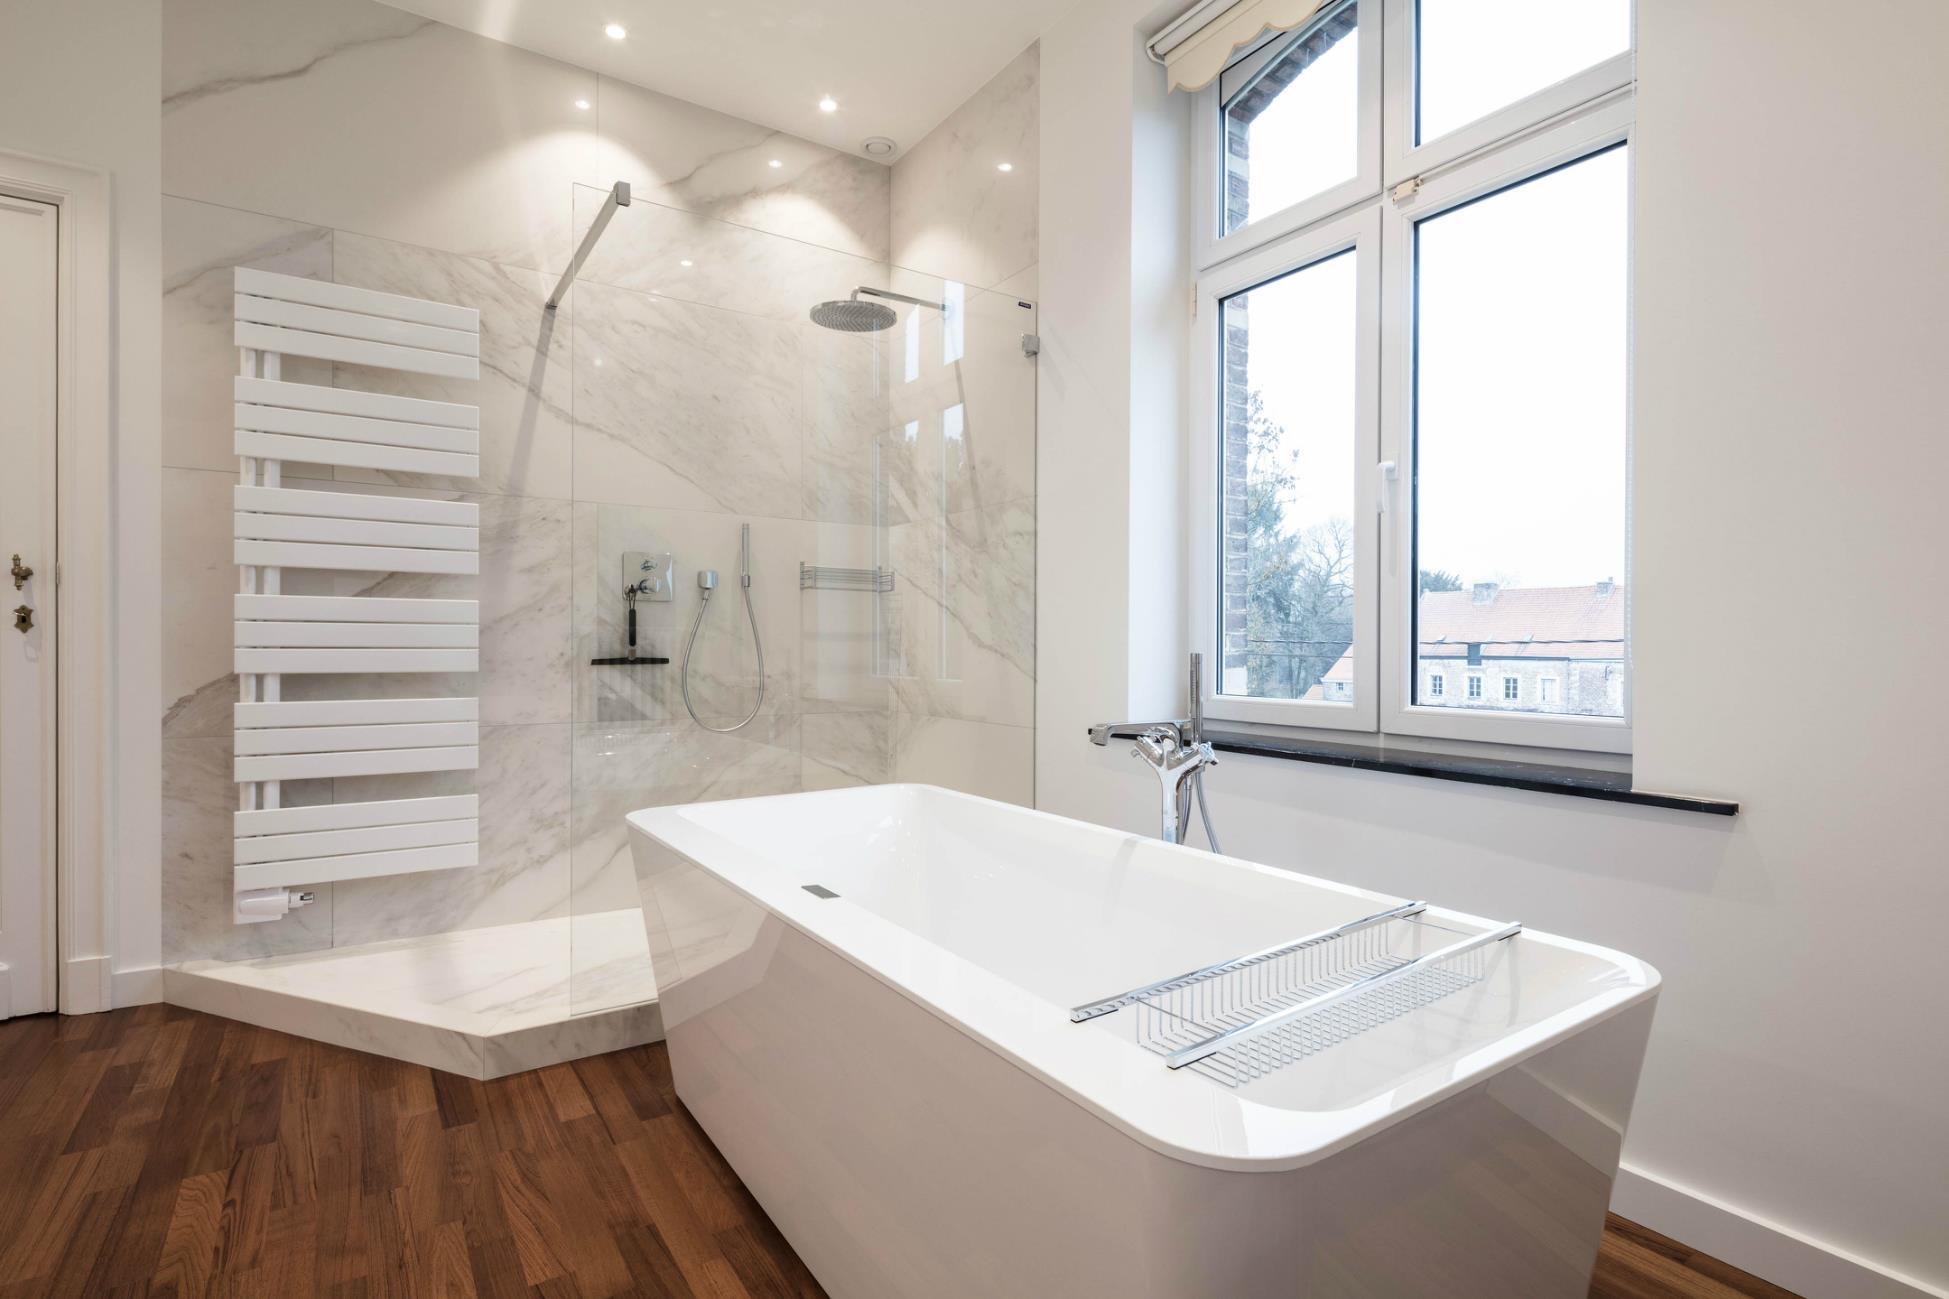 Salle de bain avec parquet pont de bateau salle de bain for Parquet pont de bateau salle de bain leroy merlin